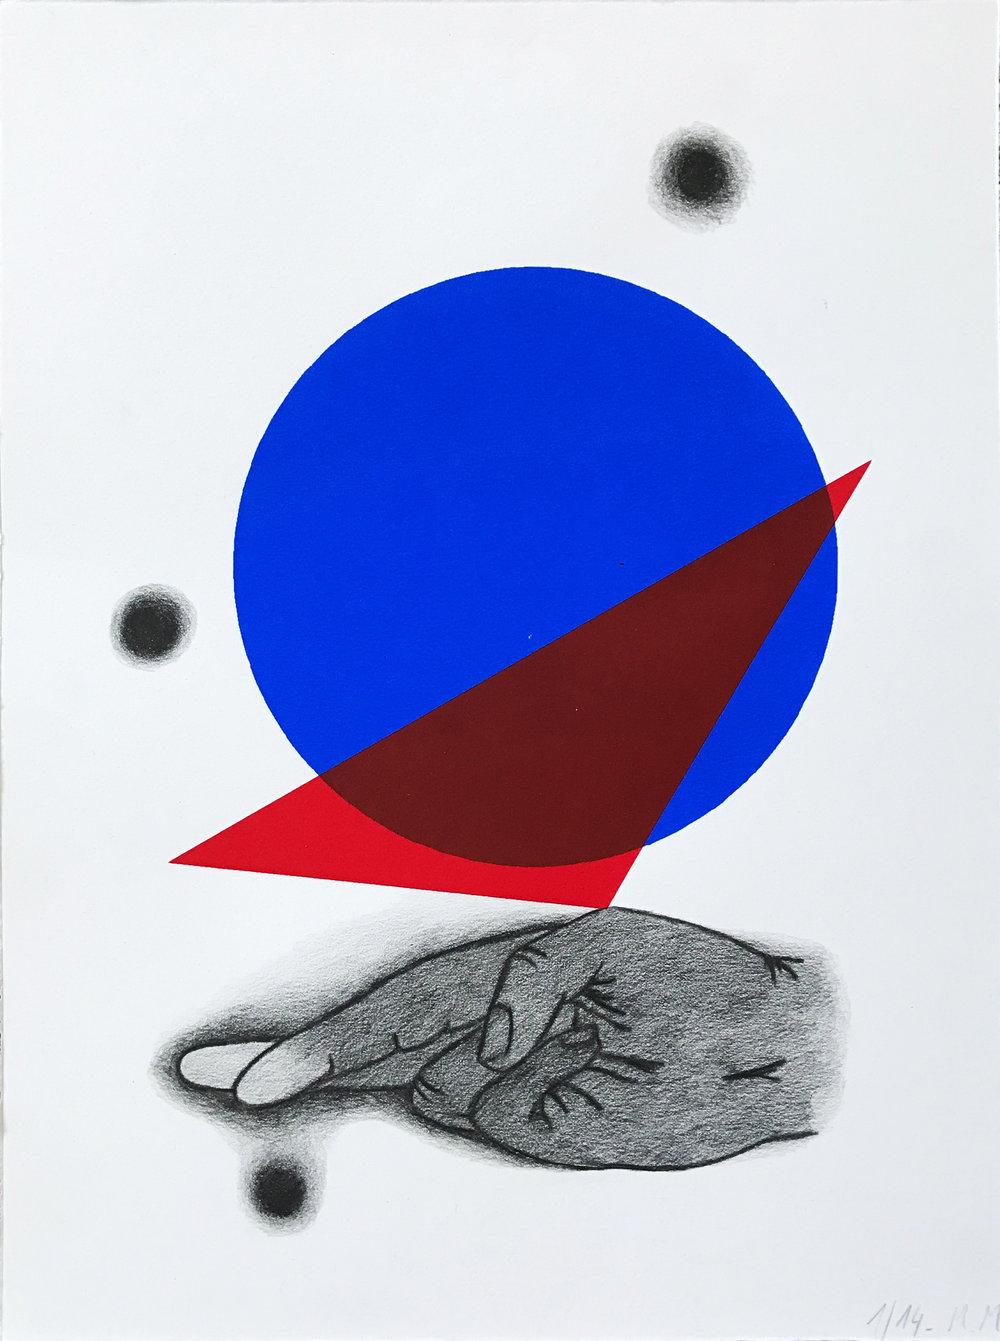 le sourire de Malevich 1/14